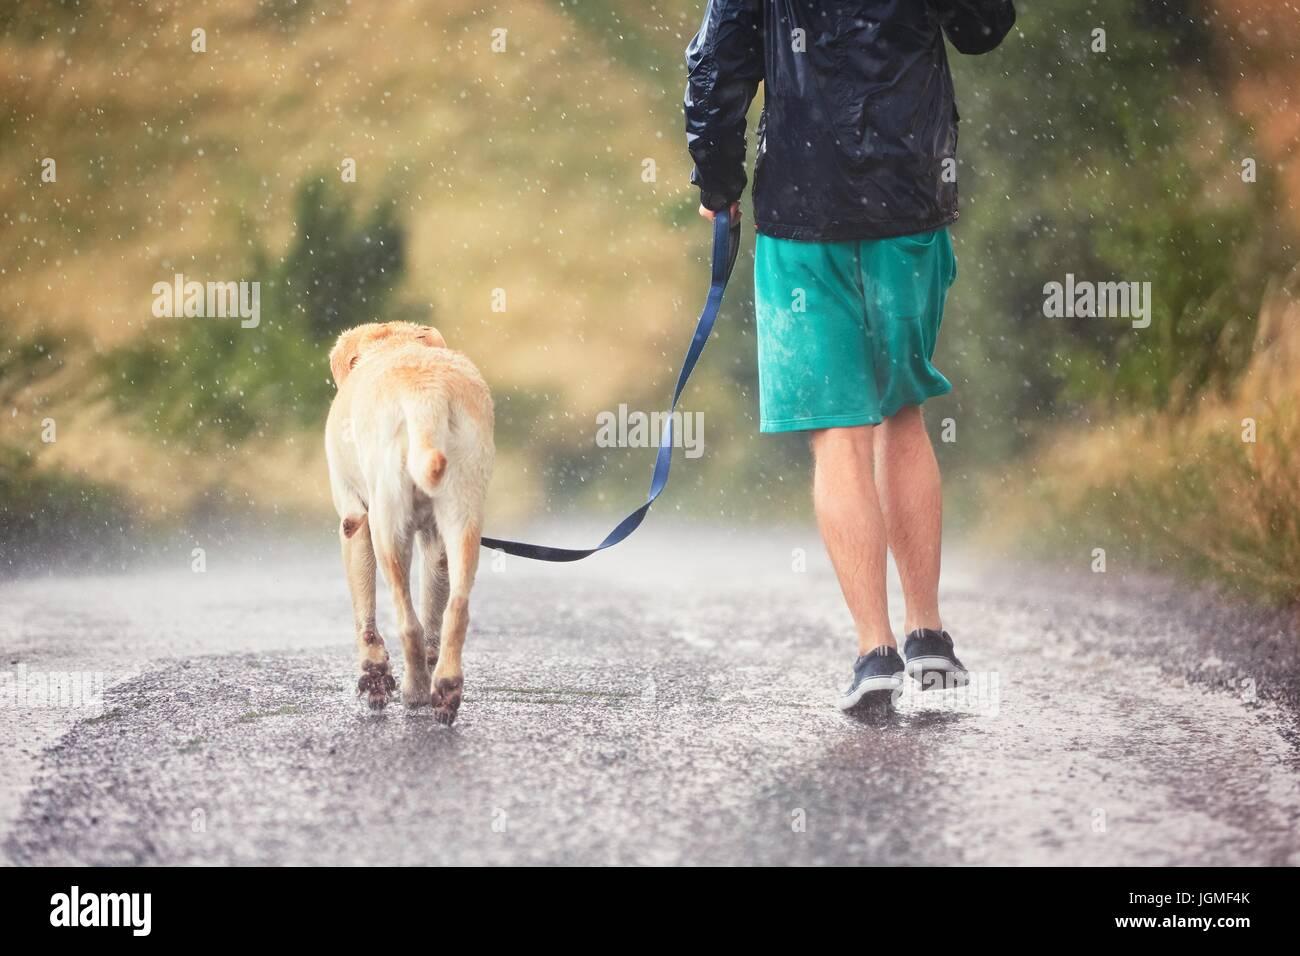 Giovane uomo che corre con il suo cane (labrador retriever) in heavy rain per la strada rurale. Immagini Stock